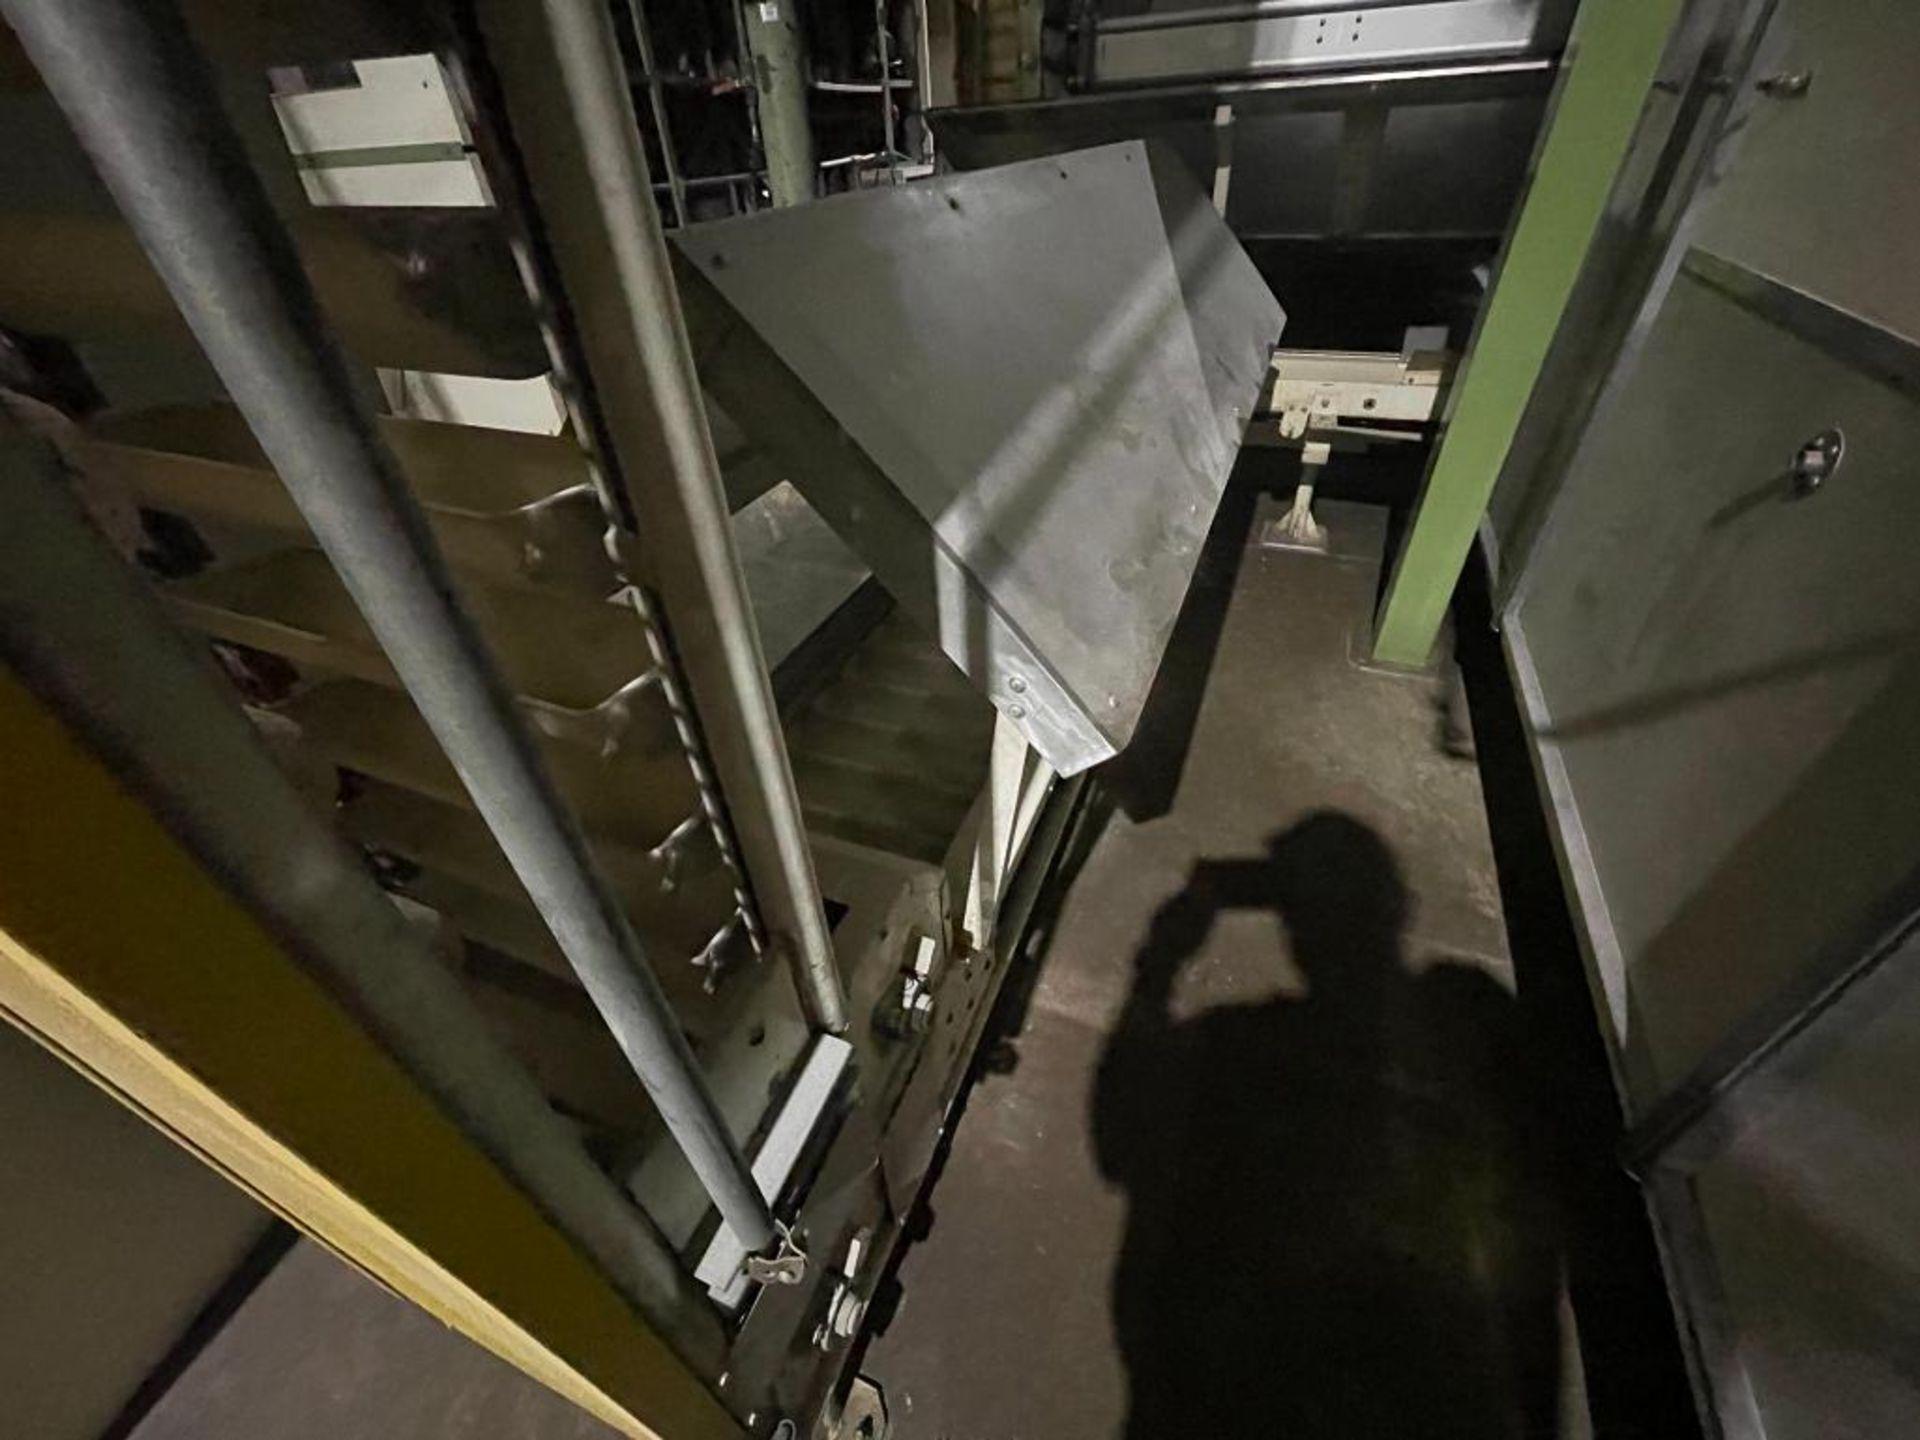 Aseeco overlapping bucket elevator - Image 9 of 14